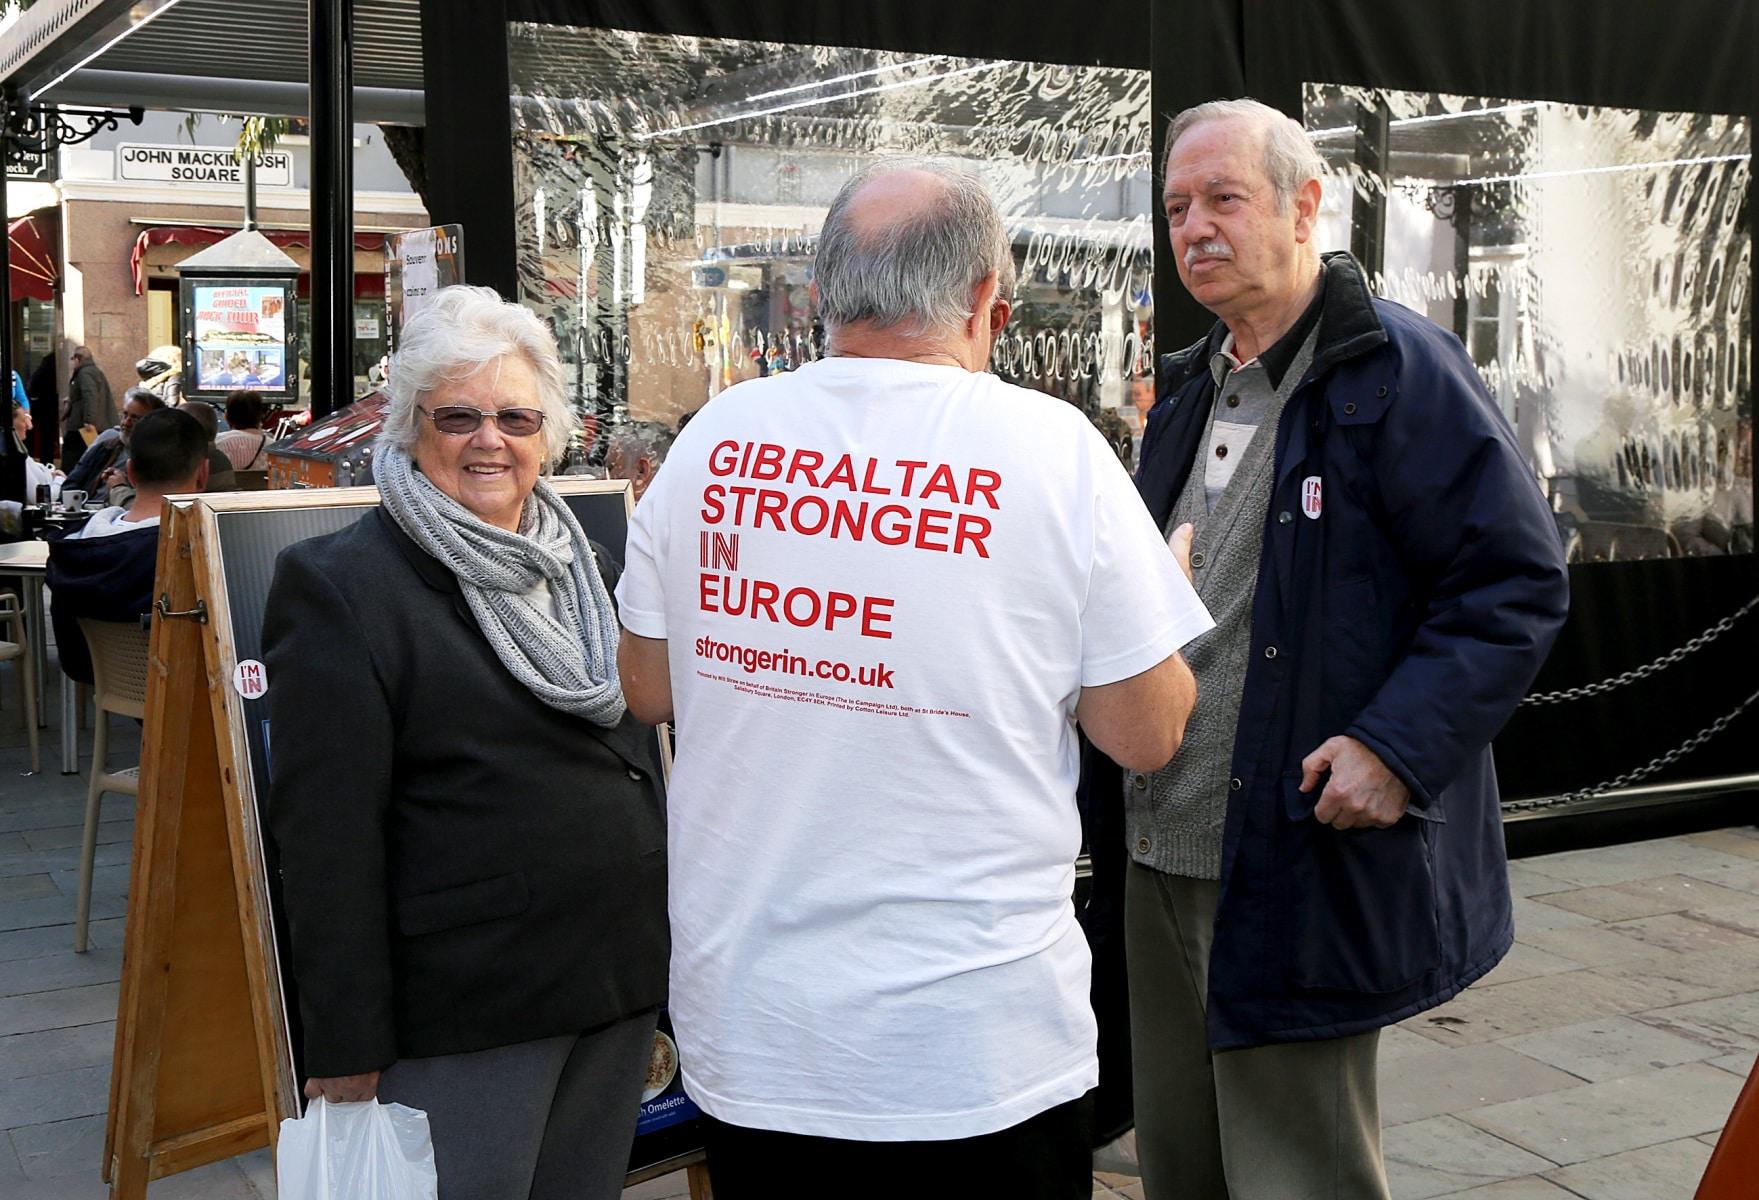 lanzamiento-de-la-campaa-gibraltar-stronger-in-europe_26361656626_o